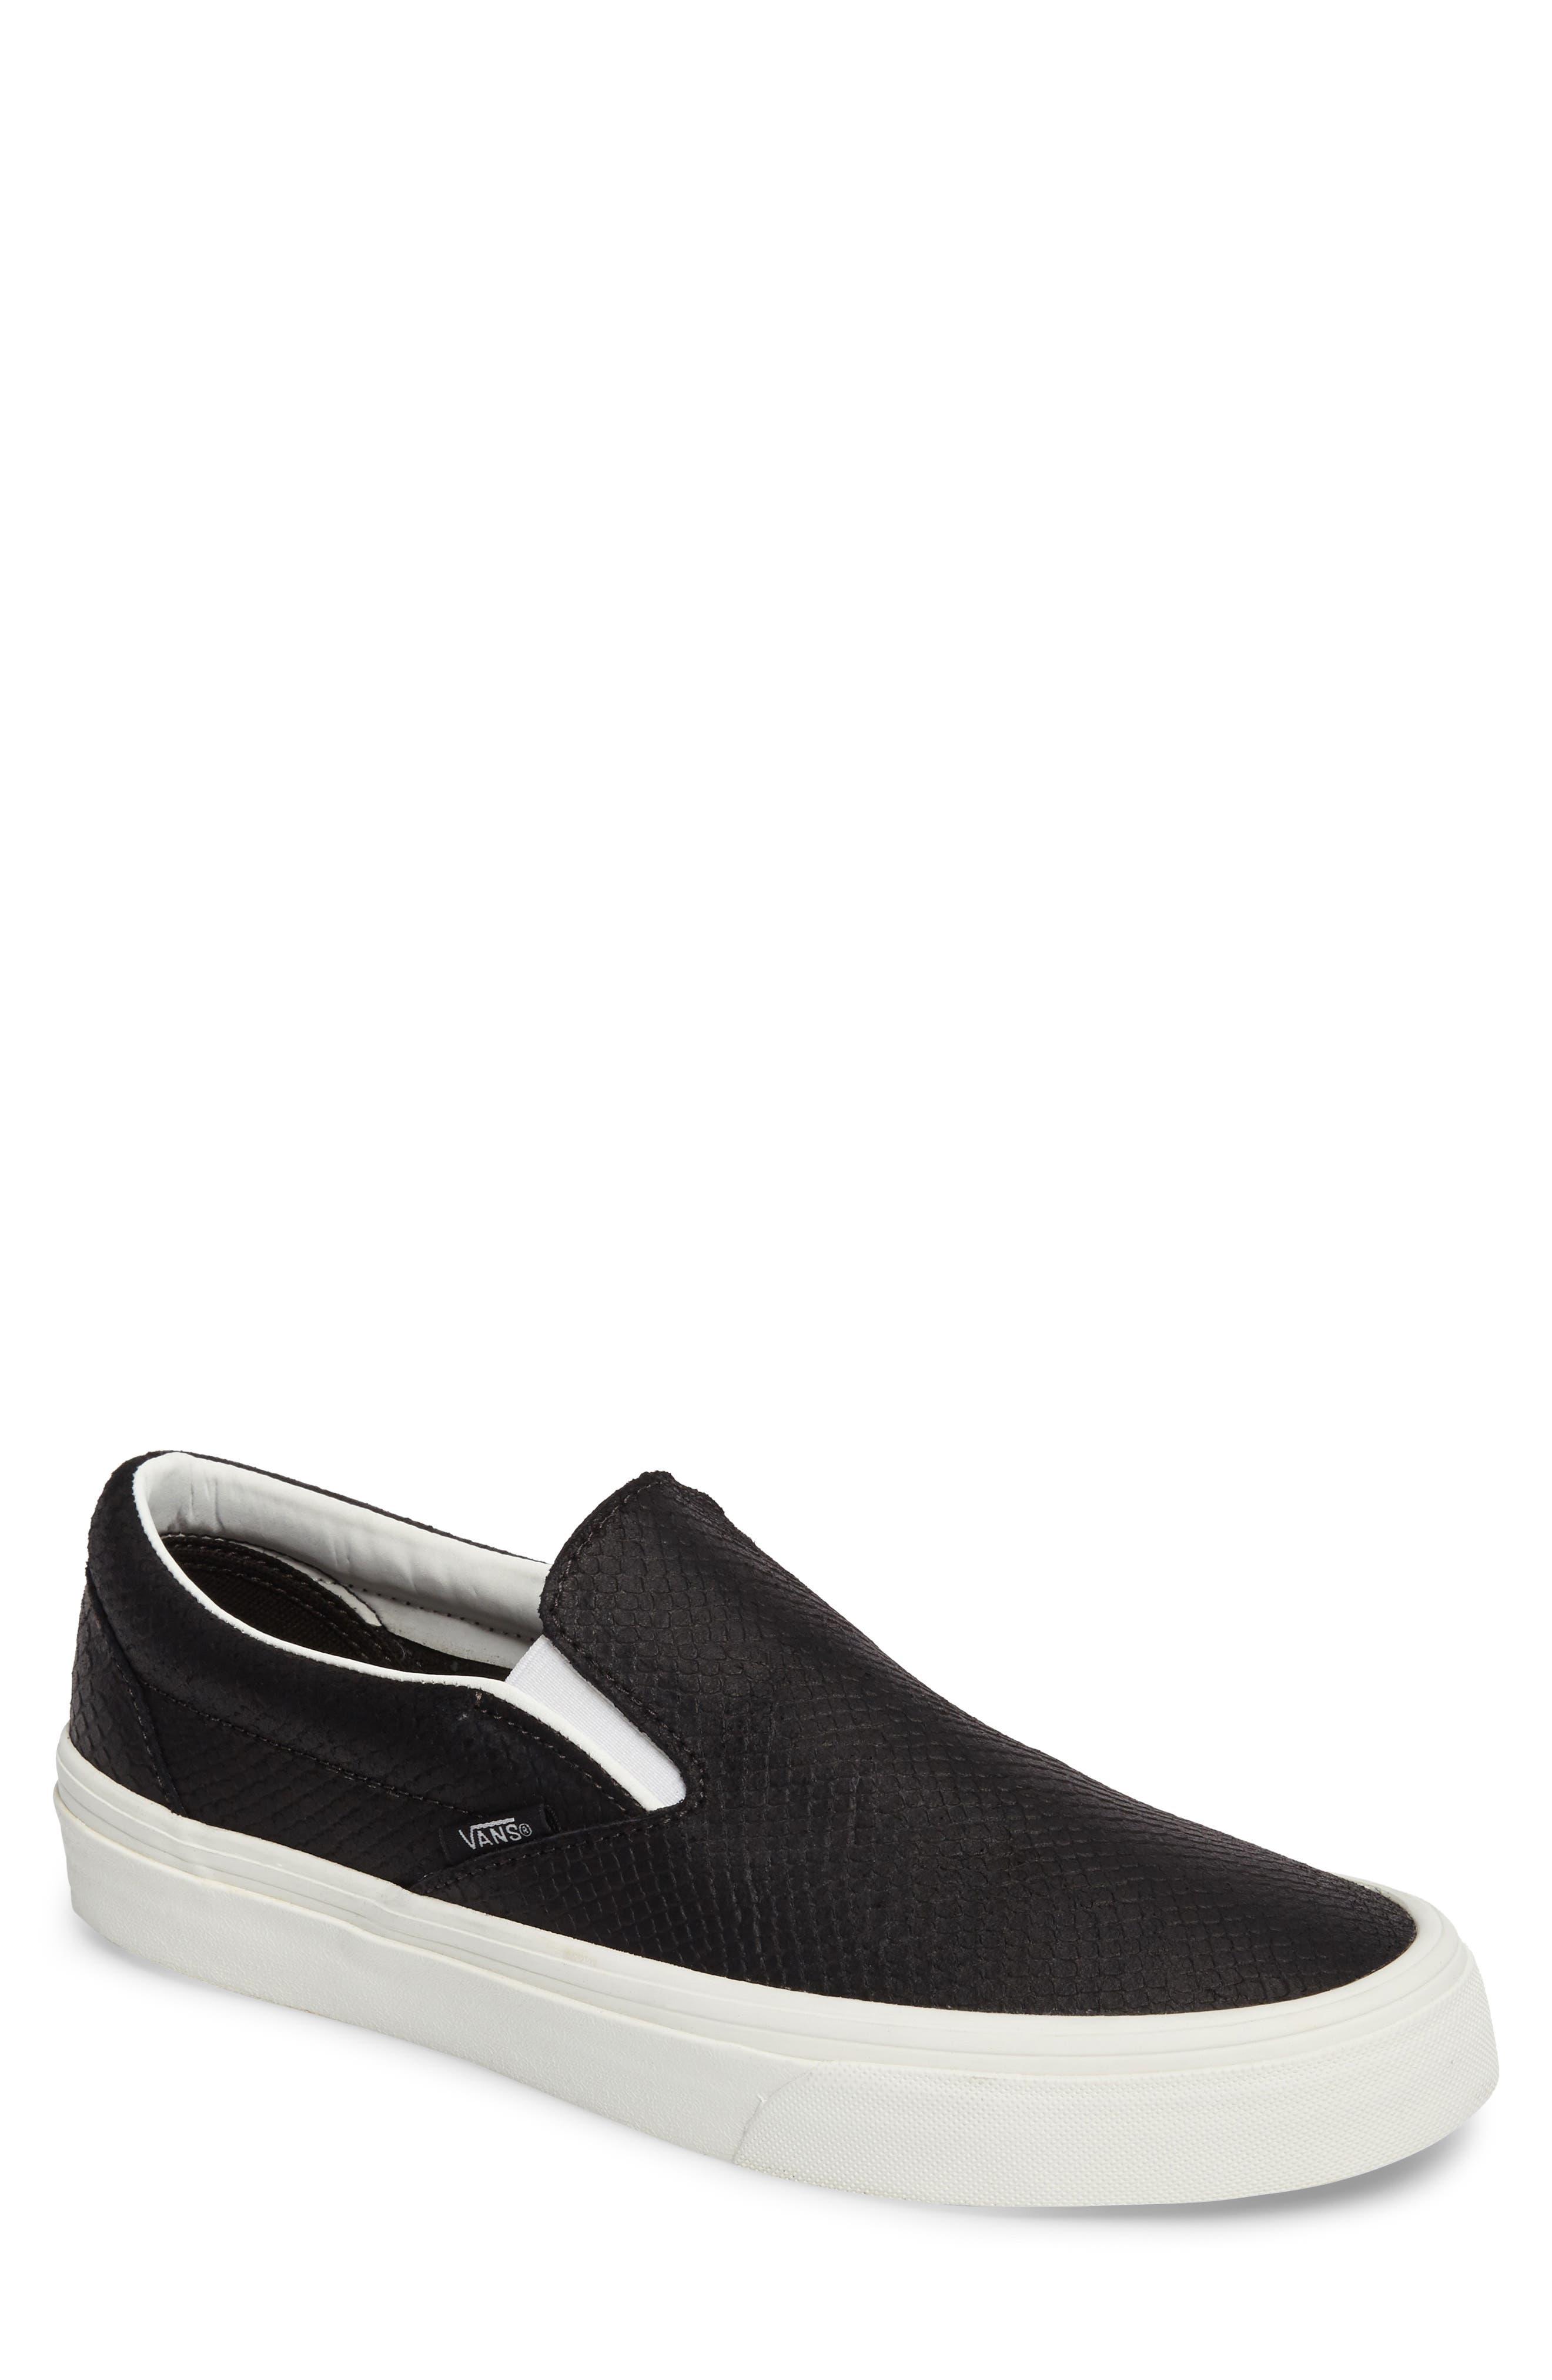 Alternate Image 1 Selected - Vans 'Classic' Slip-On Sneaker (Men)